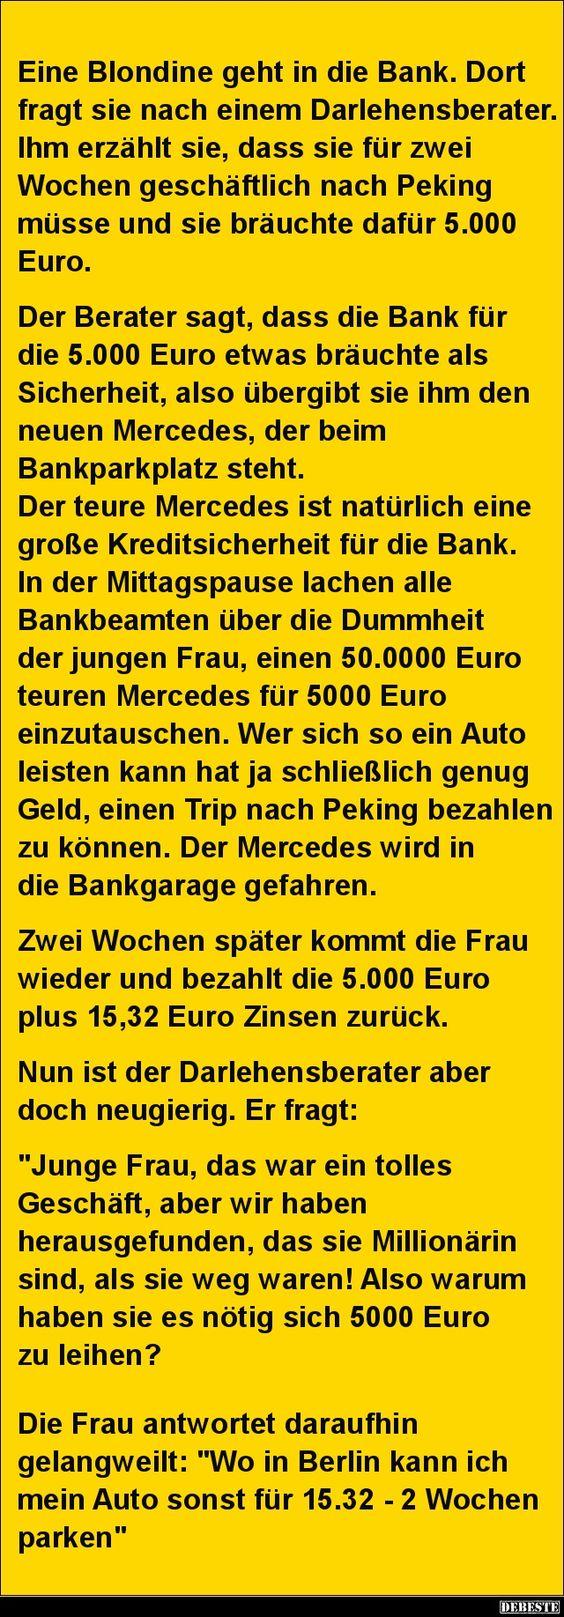 Eine Blondine geht in die Bank... | DEBESTE.de, Lustige Bilder, Sprüche, Witze und Videos